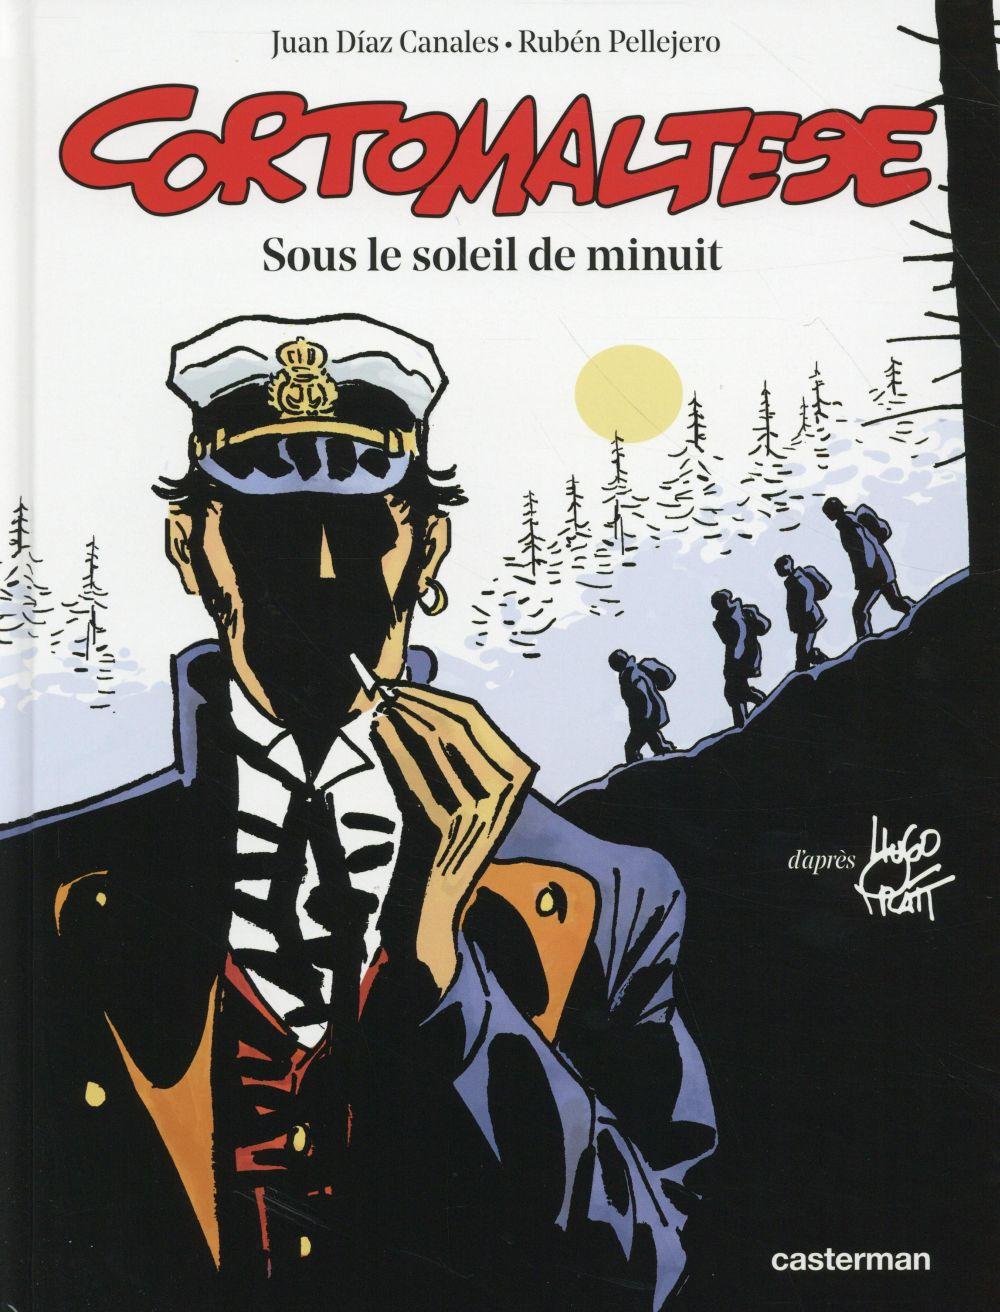 CORTO MALTESE T.13  -  SOUS LE SOLEIL DE MINUIT PRATT/CANALES Casterman